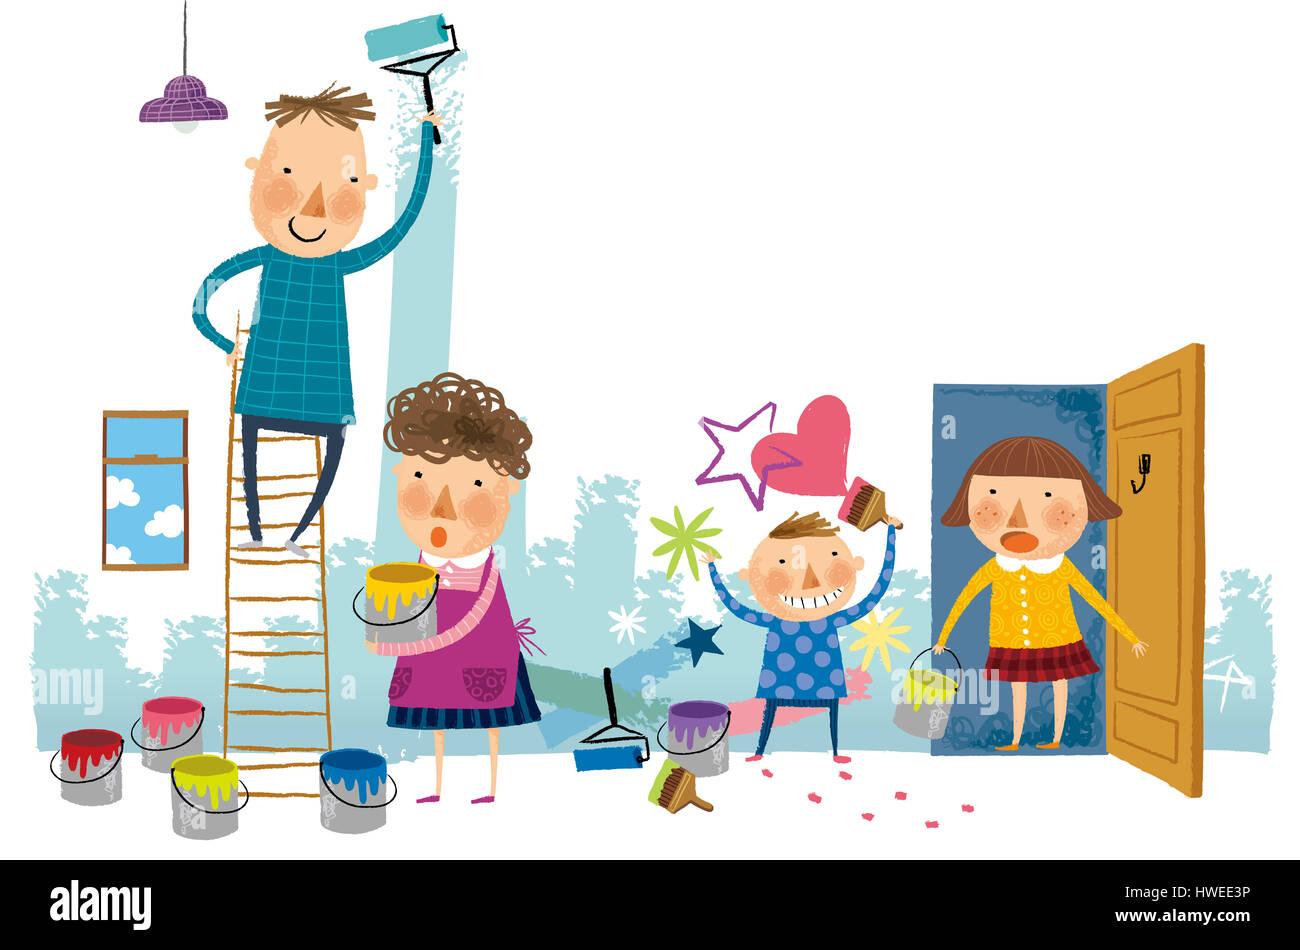 Vater, Mutter, Frau, Mann, Kinder, Kind, Junge, Mädchen, glücklich ...